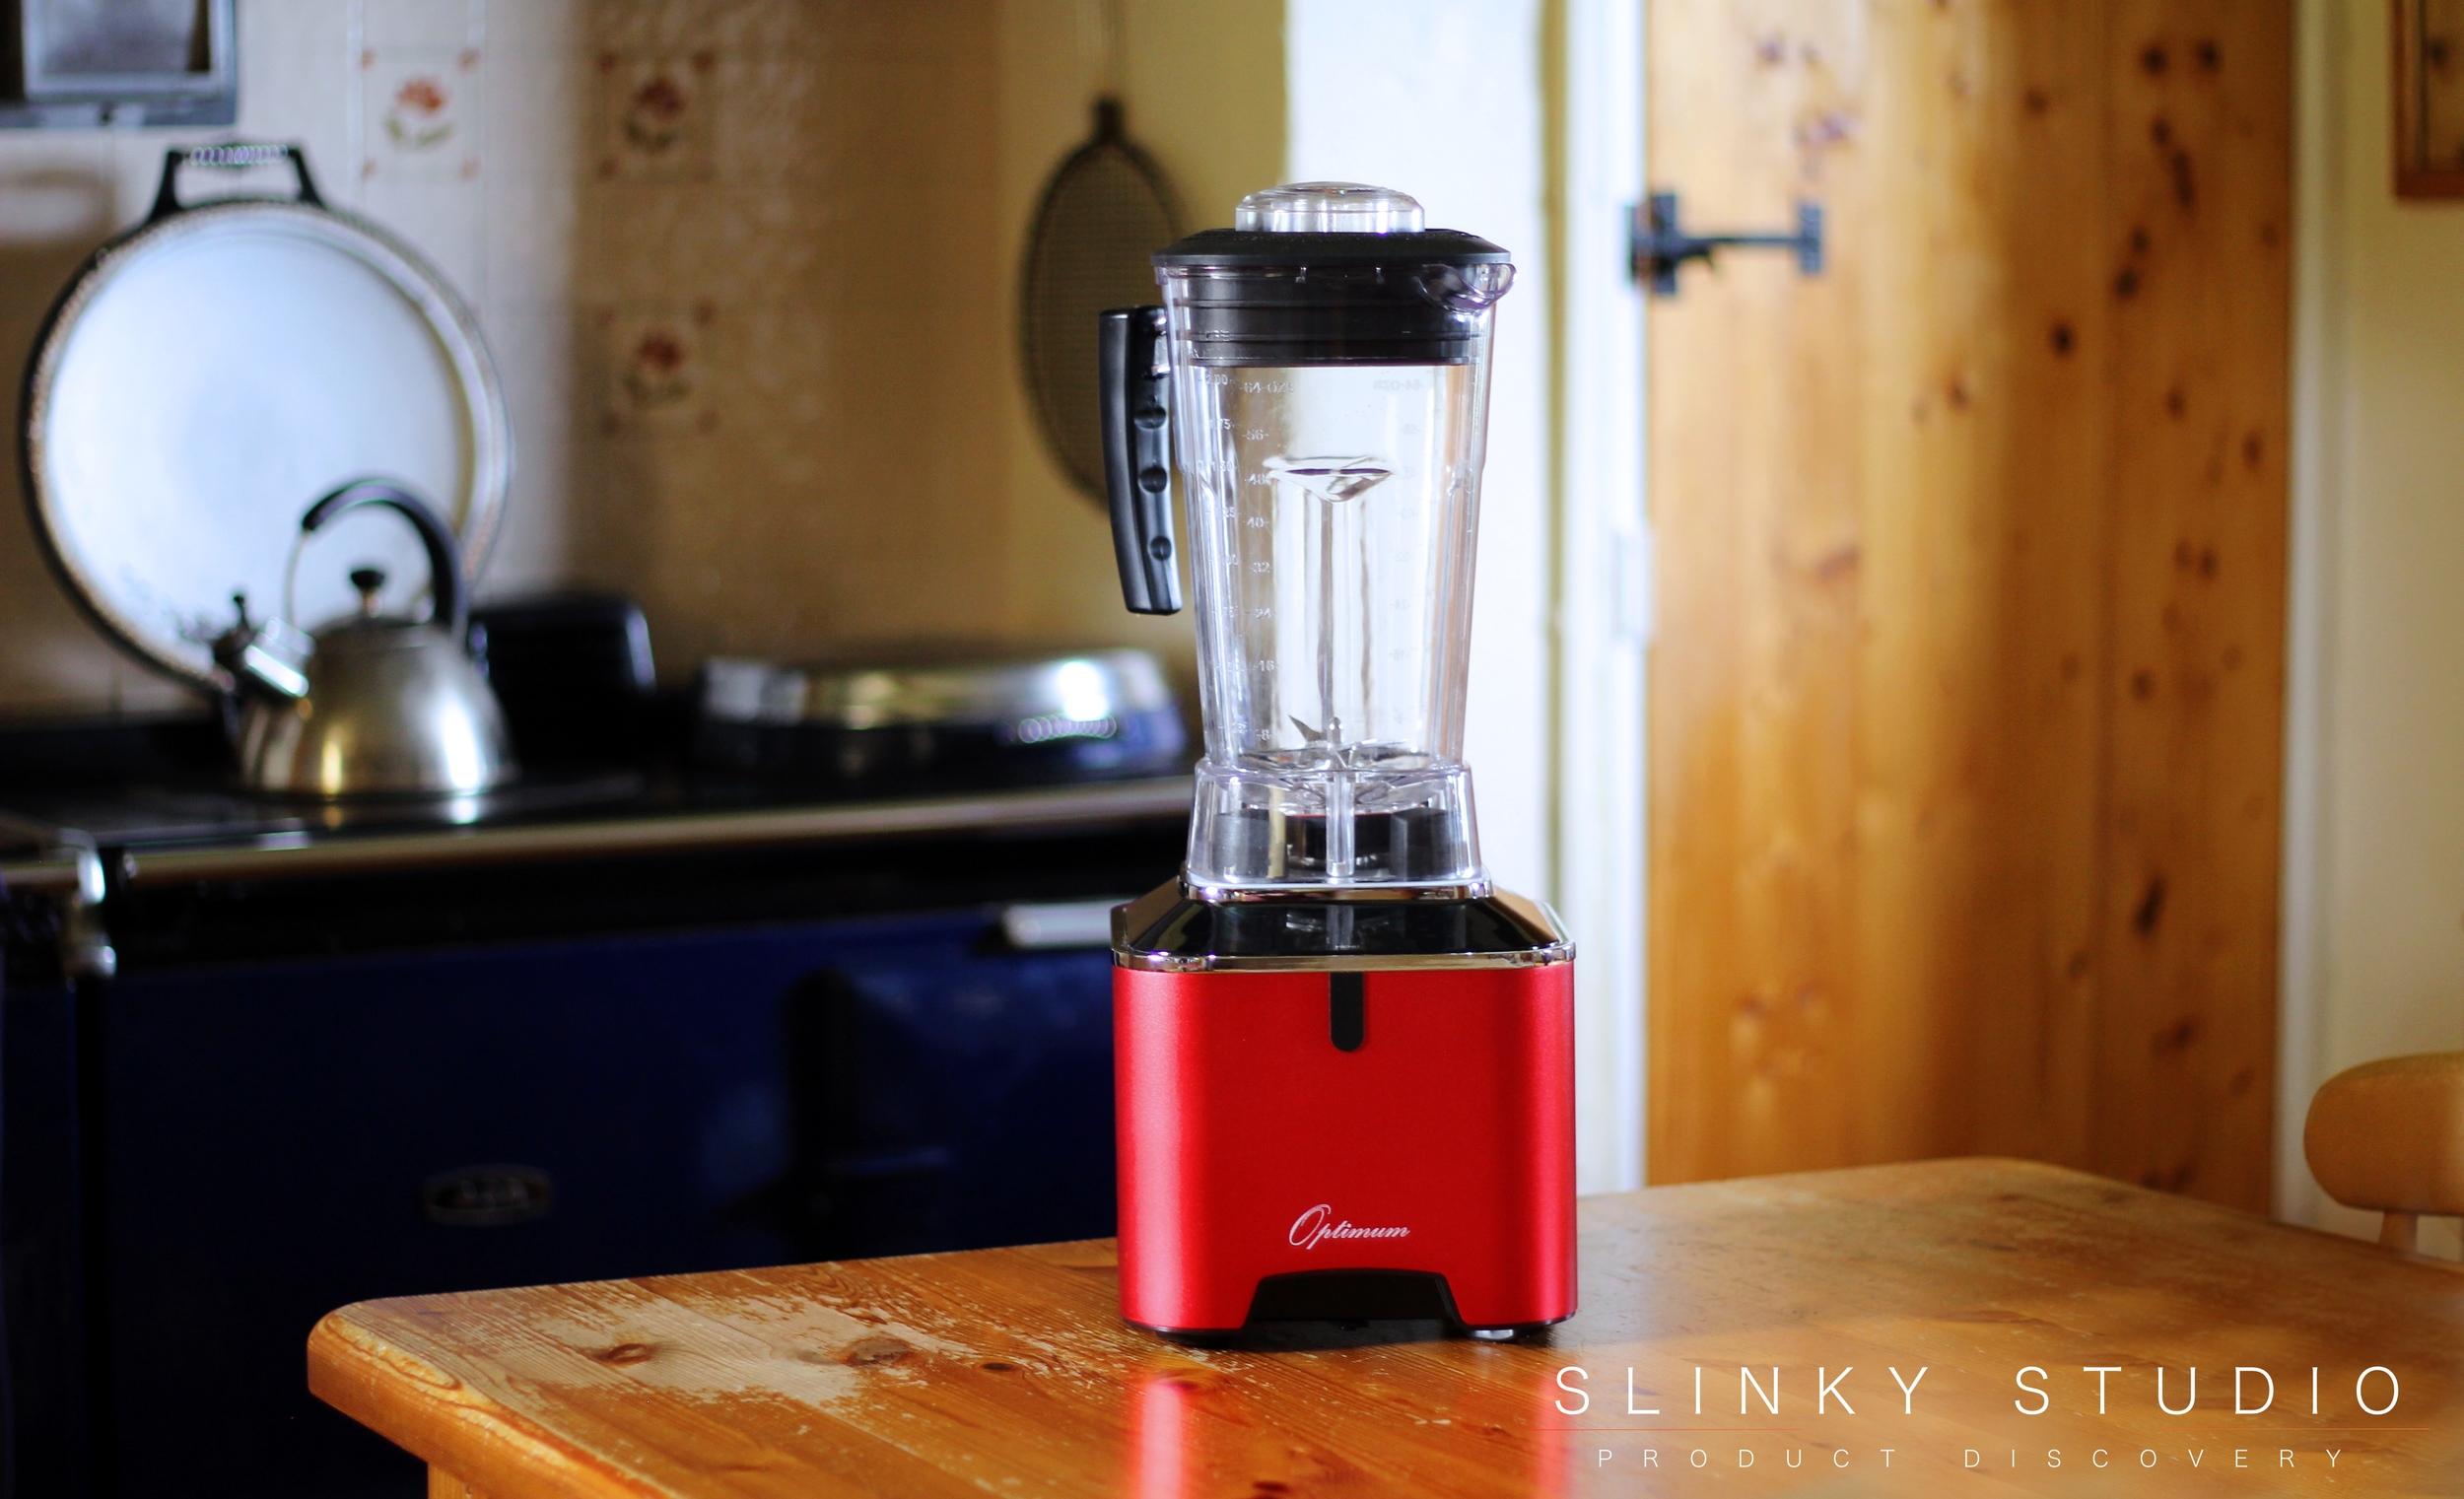 Optimum G.21 Platinum Series Blender in Kitchen